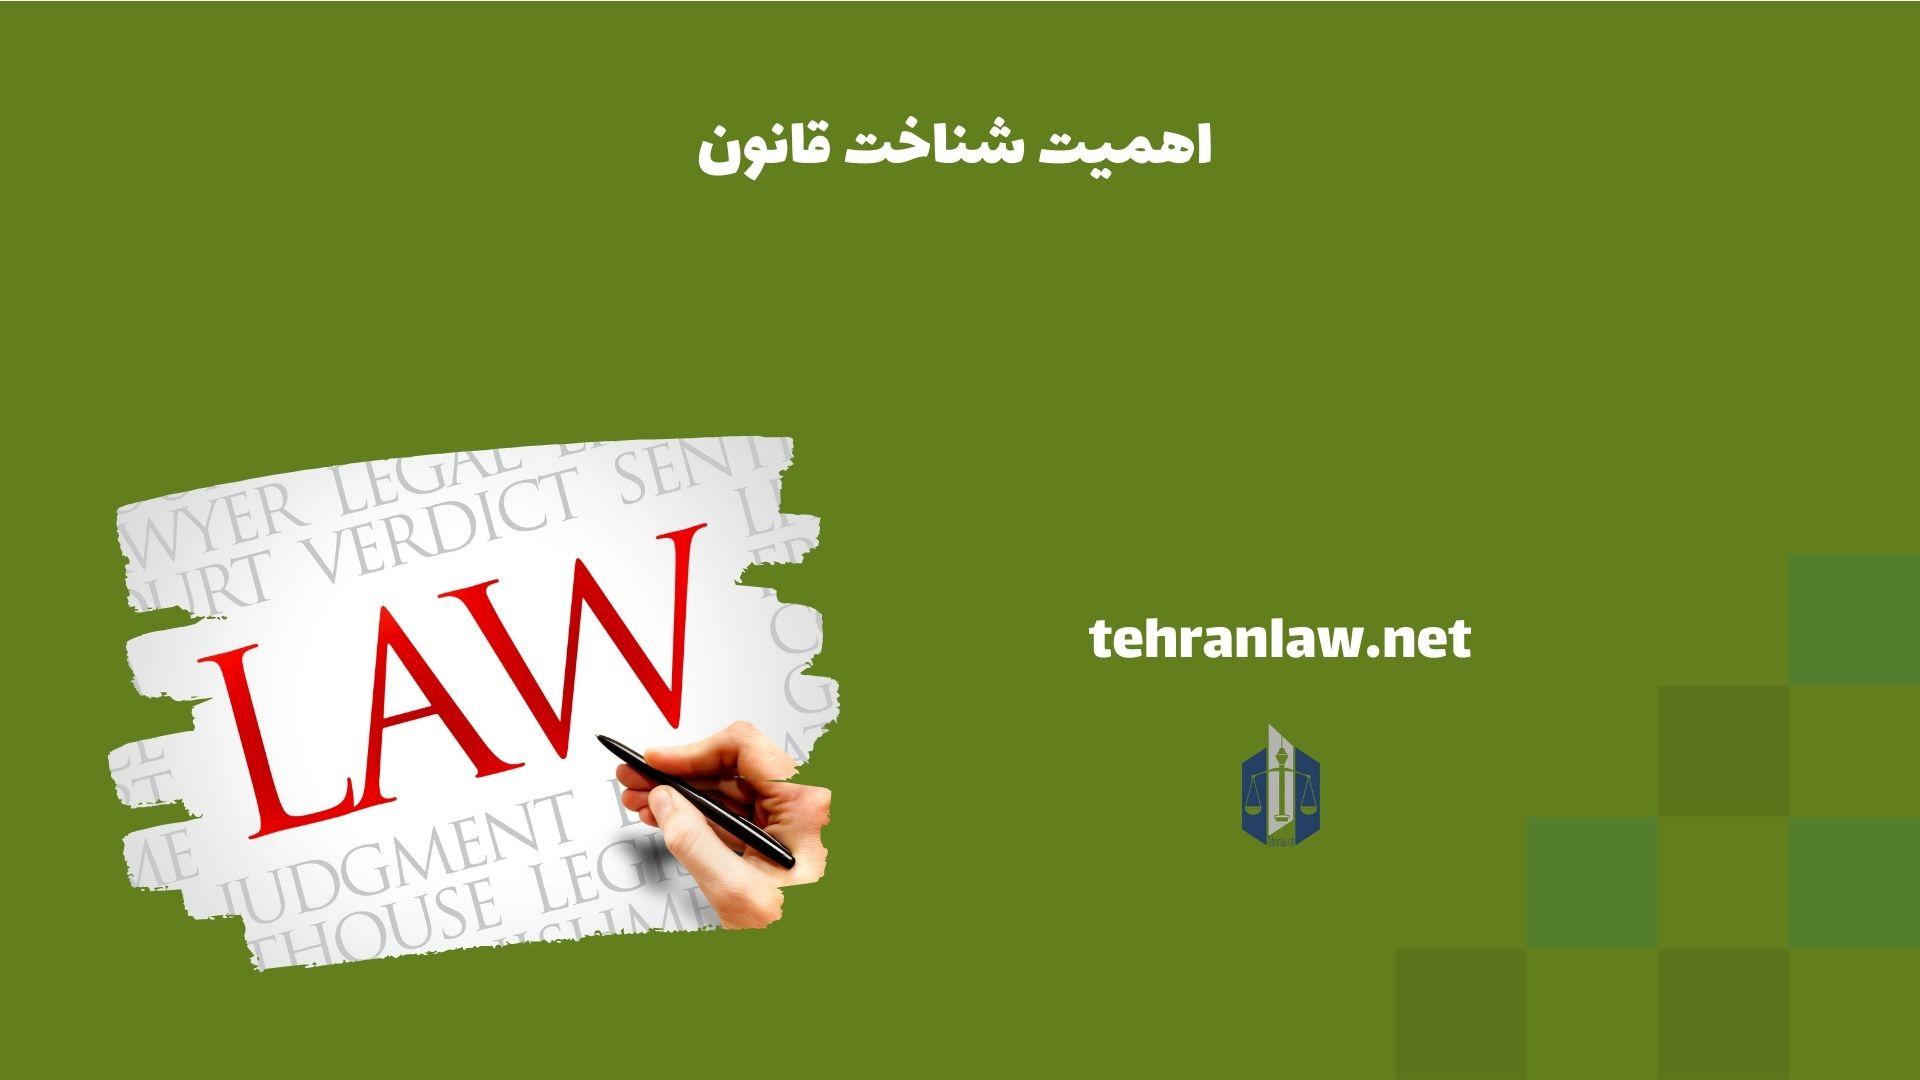 اهمیت شناخت قانون